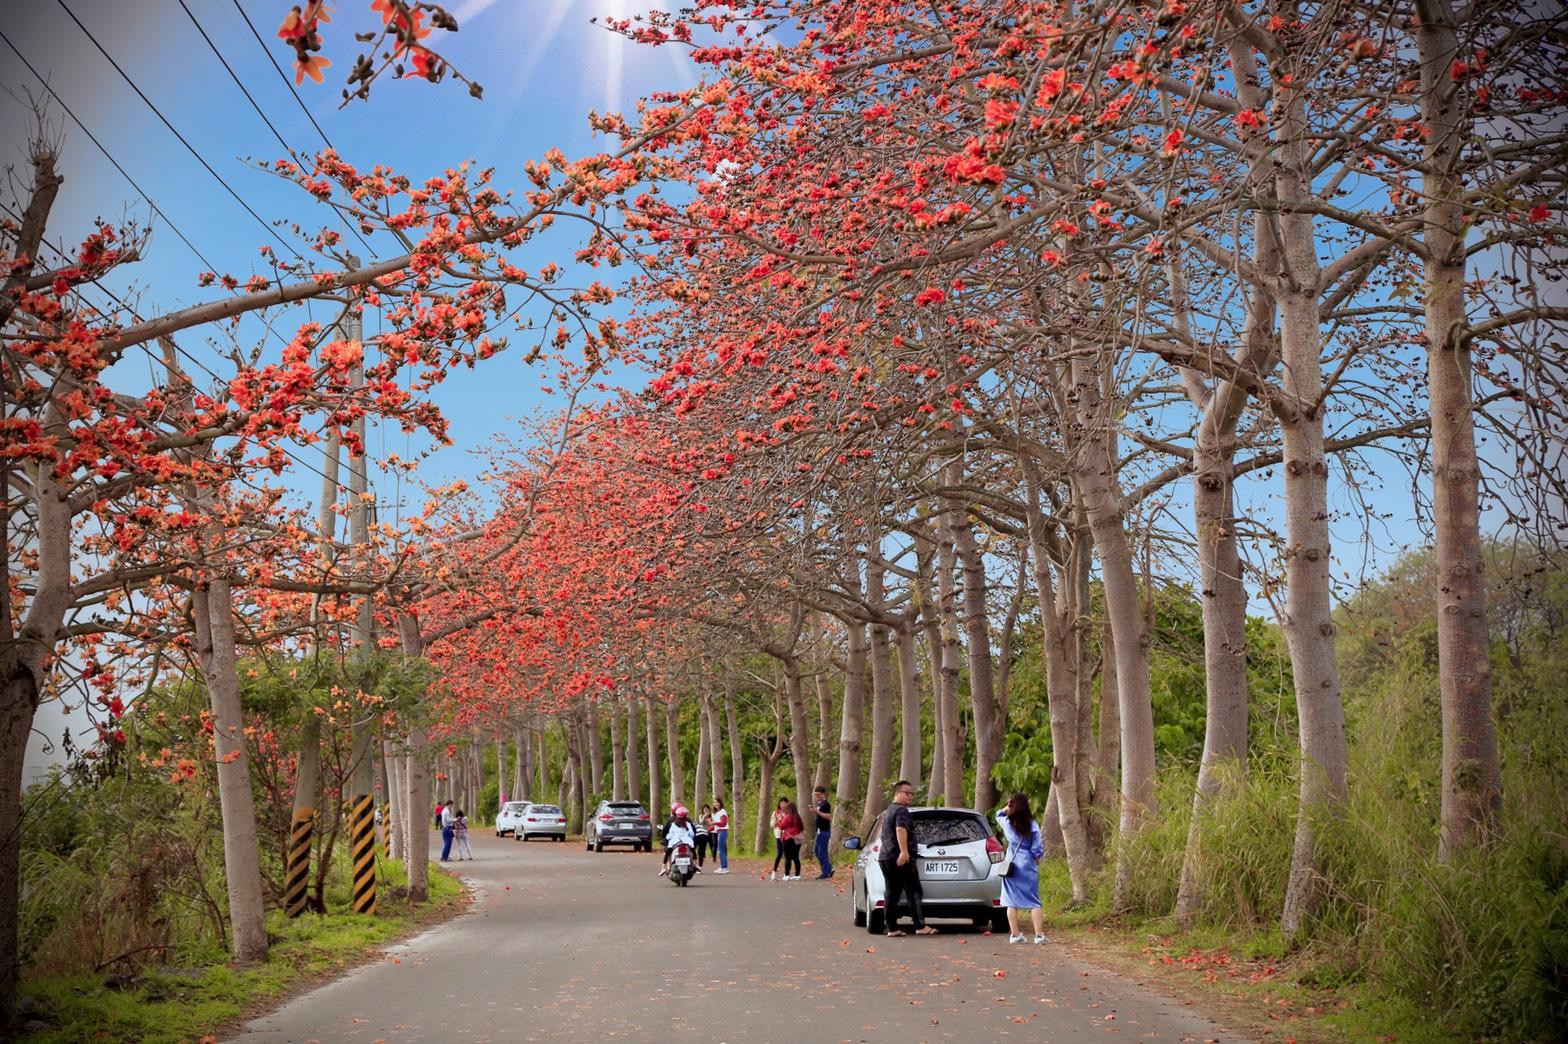 最新推播訊息:[彰化旅遊]東螺溪木棉花道|橘紅旋風來襲~台灣最長木棉花道.免費賞花景點